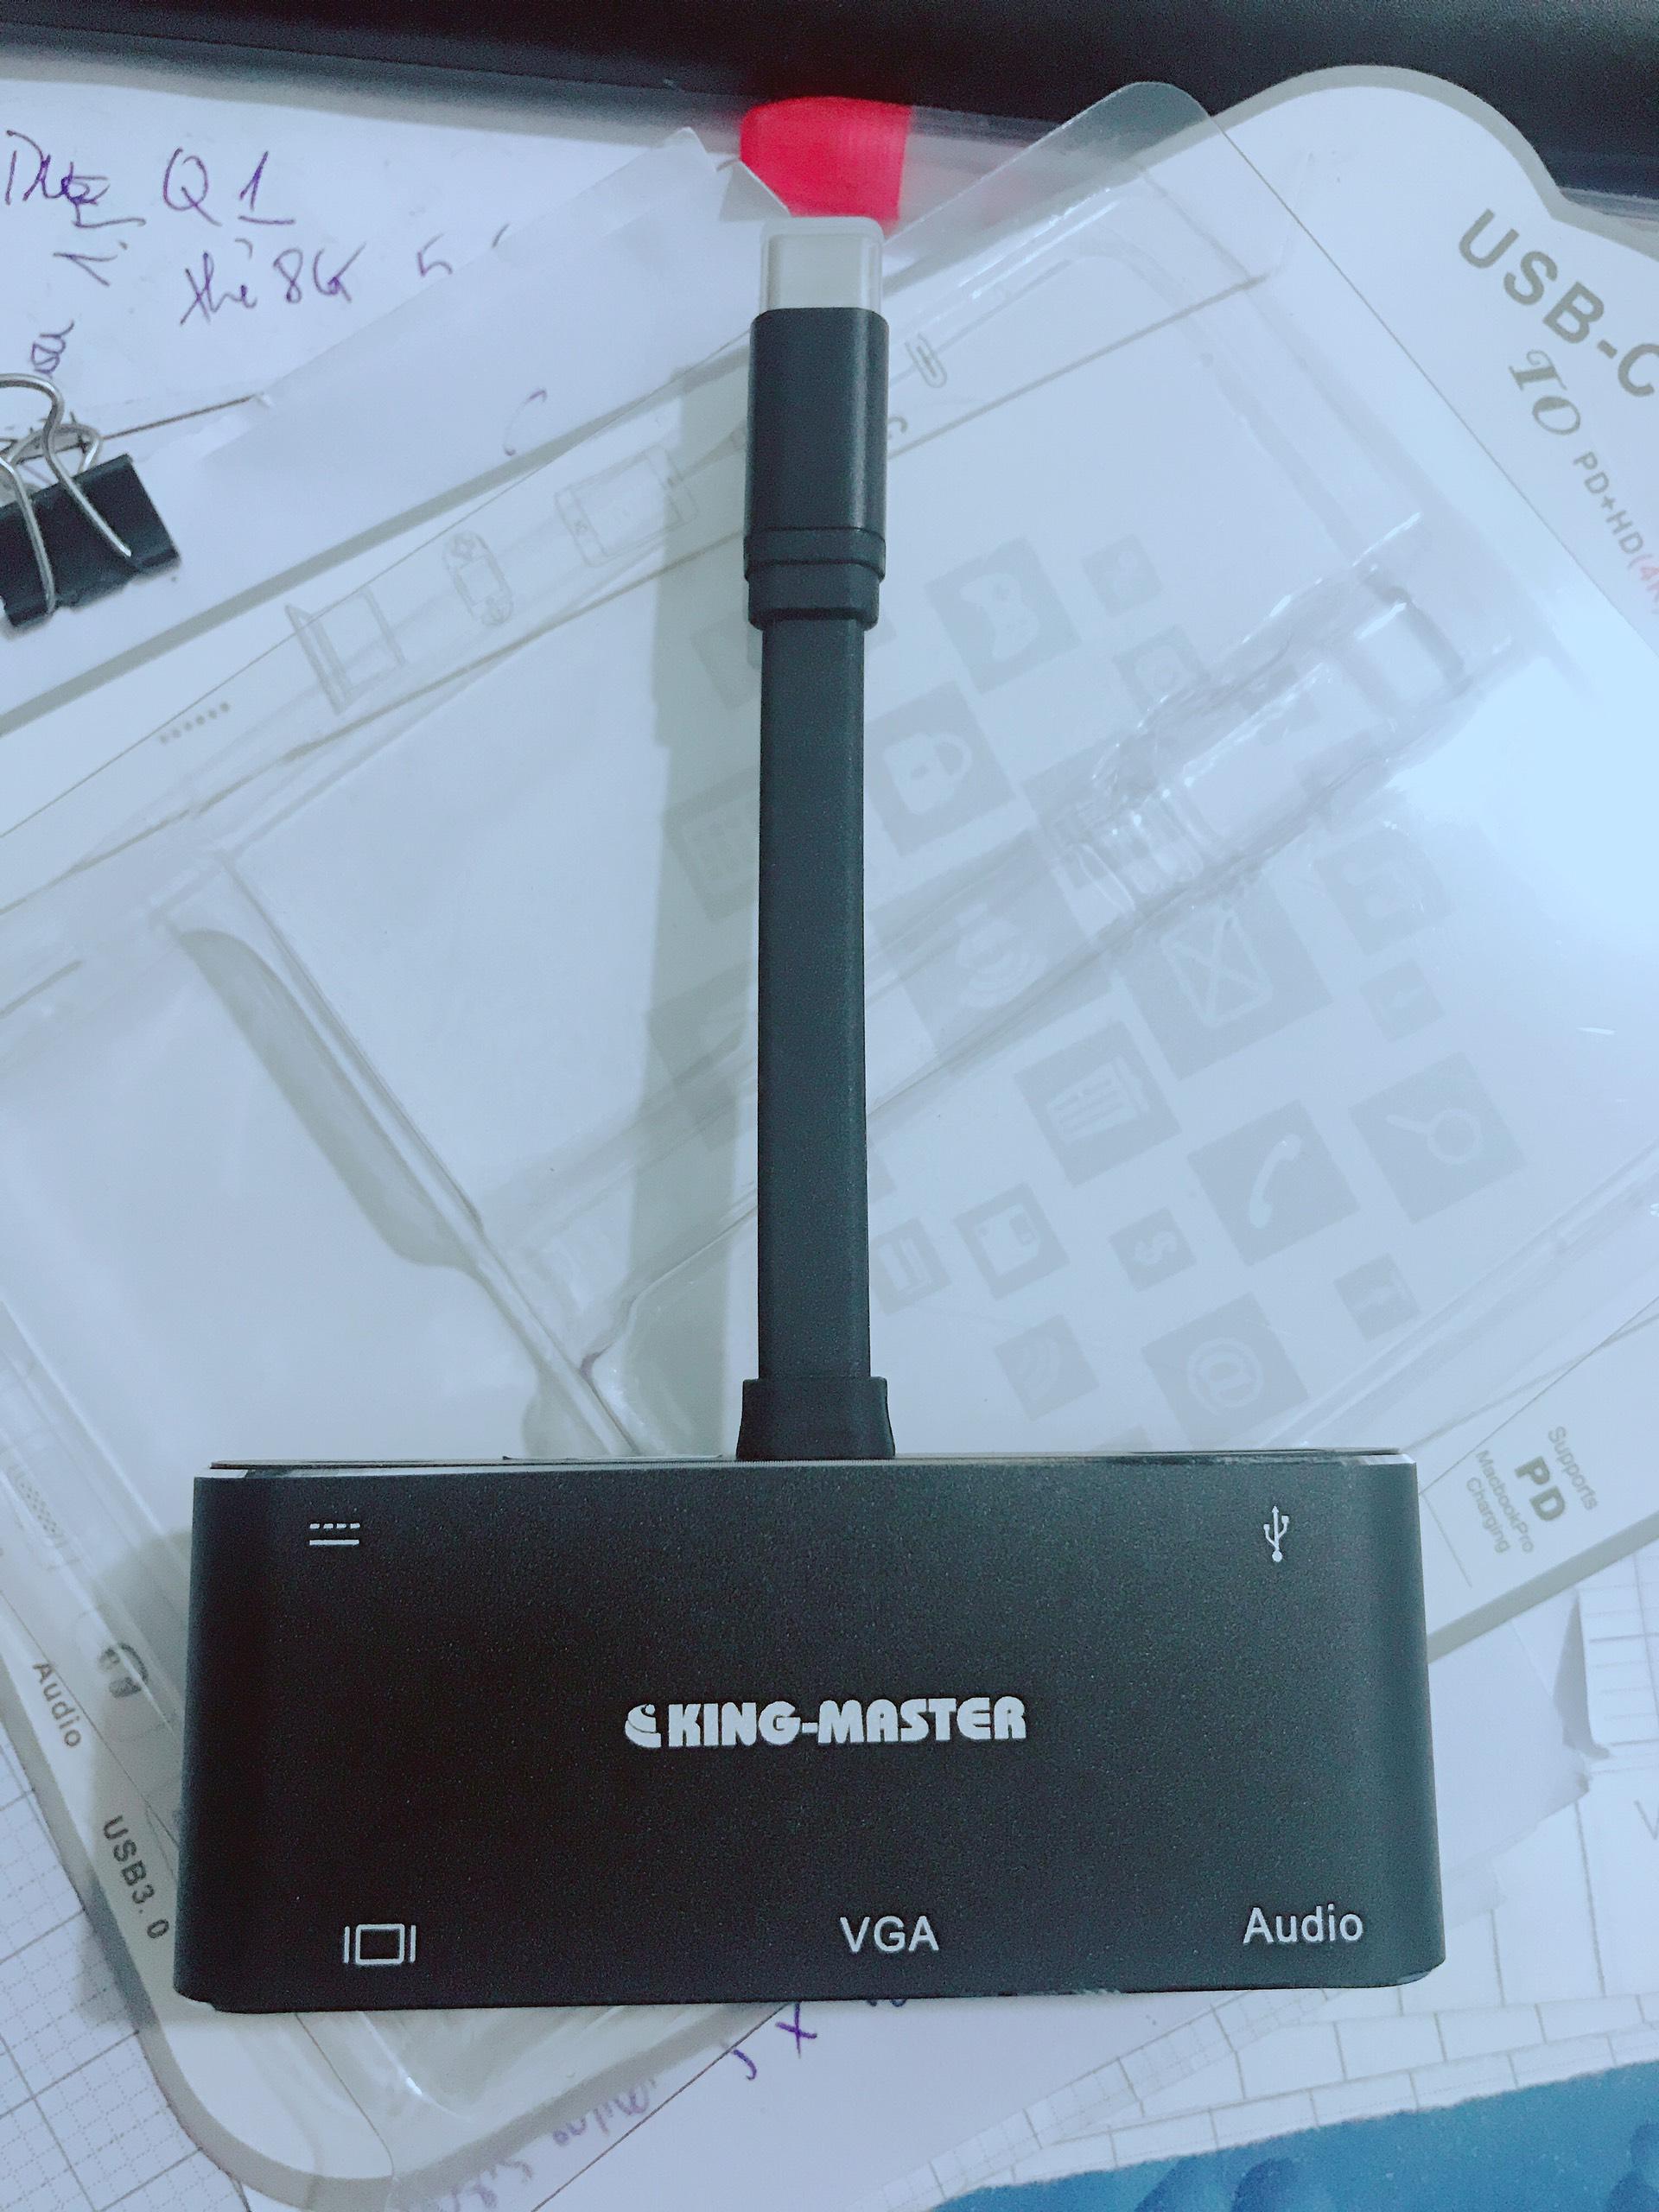 Hub Type-C ra Usb 3.0+Hdmi+Vga+Audio 5 in 1 KingMaster - hàng nhập khẩu